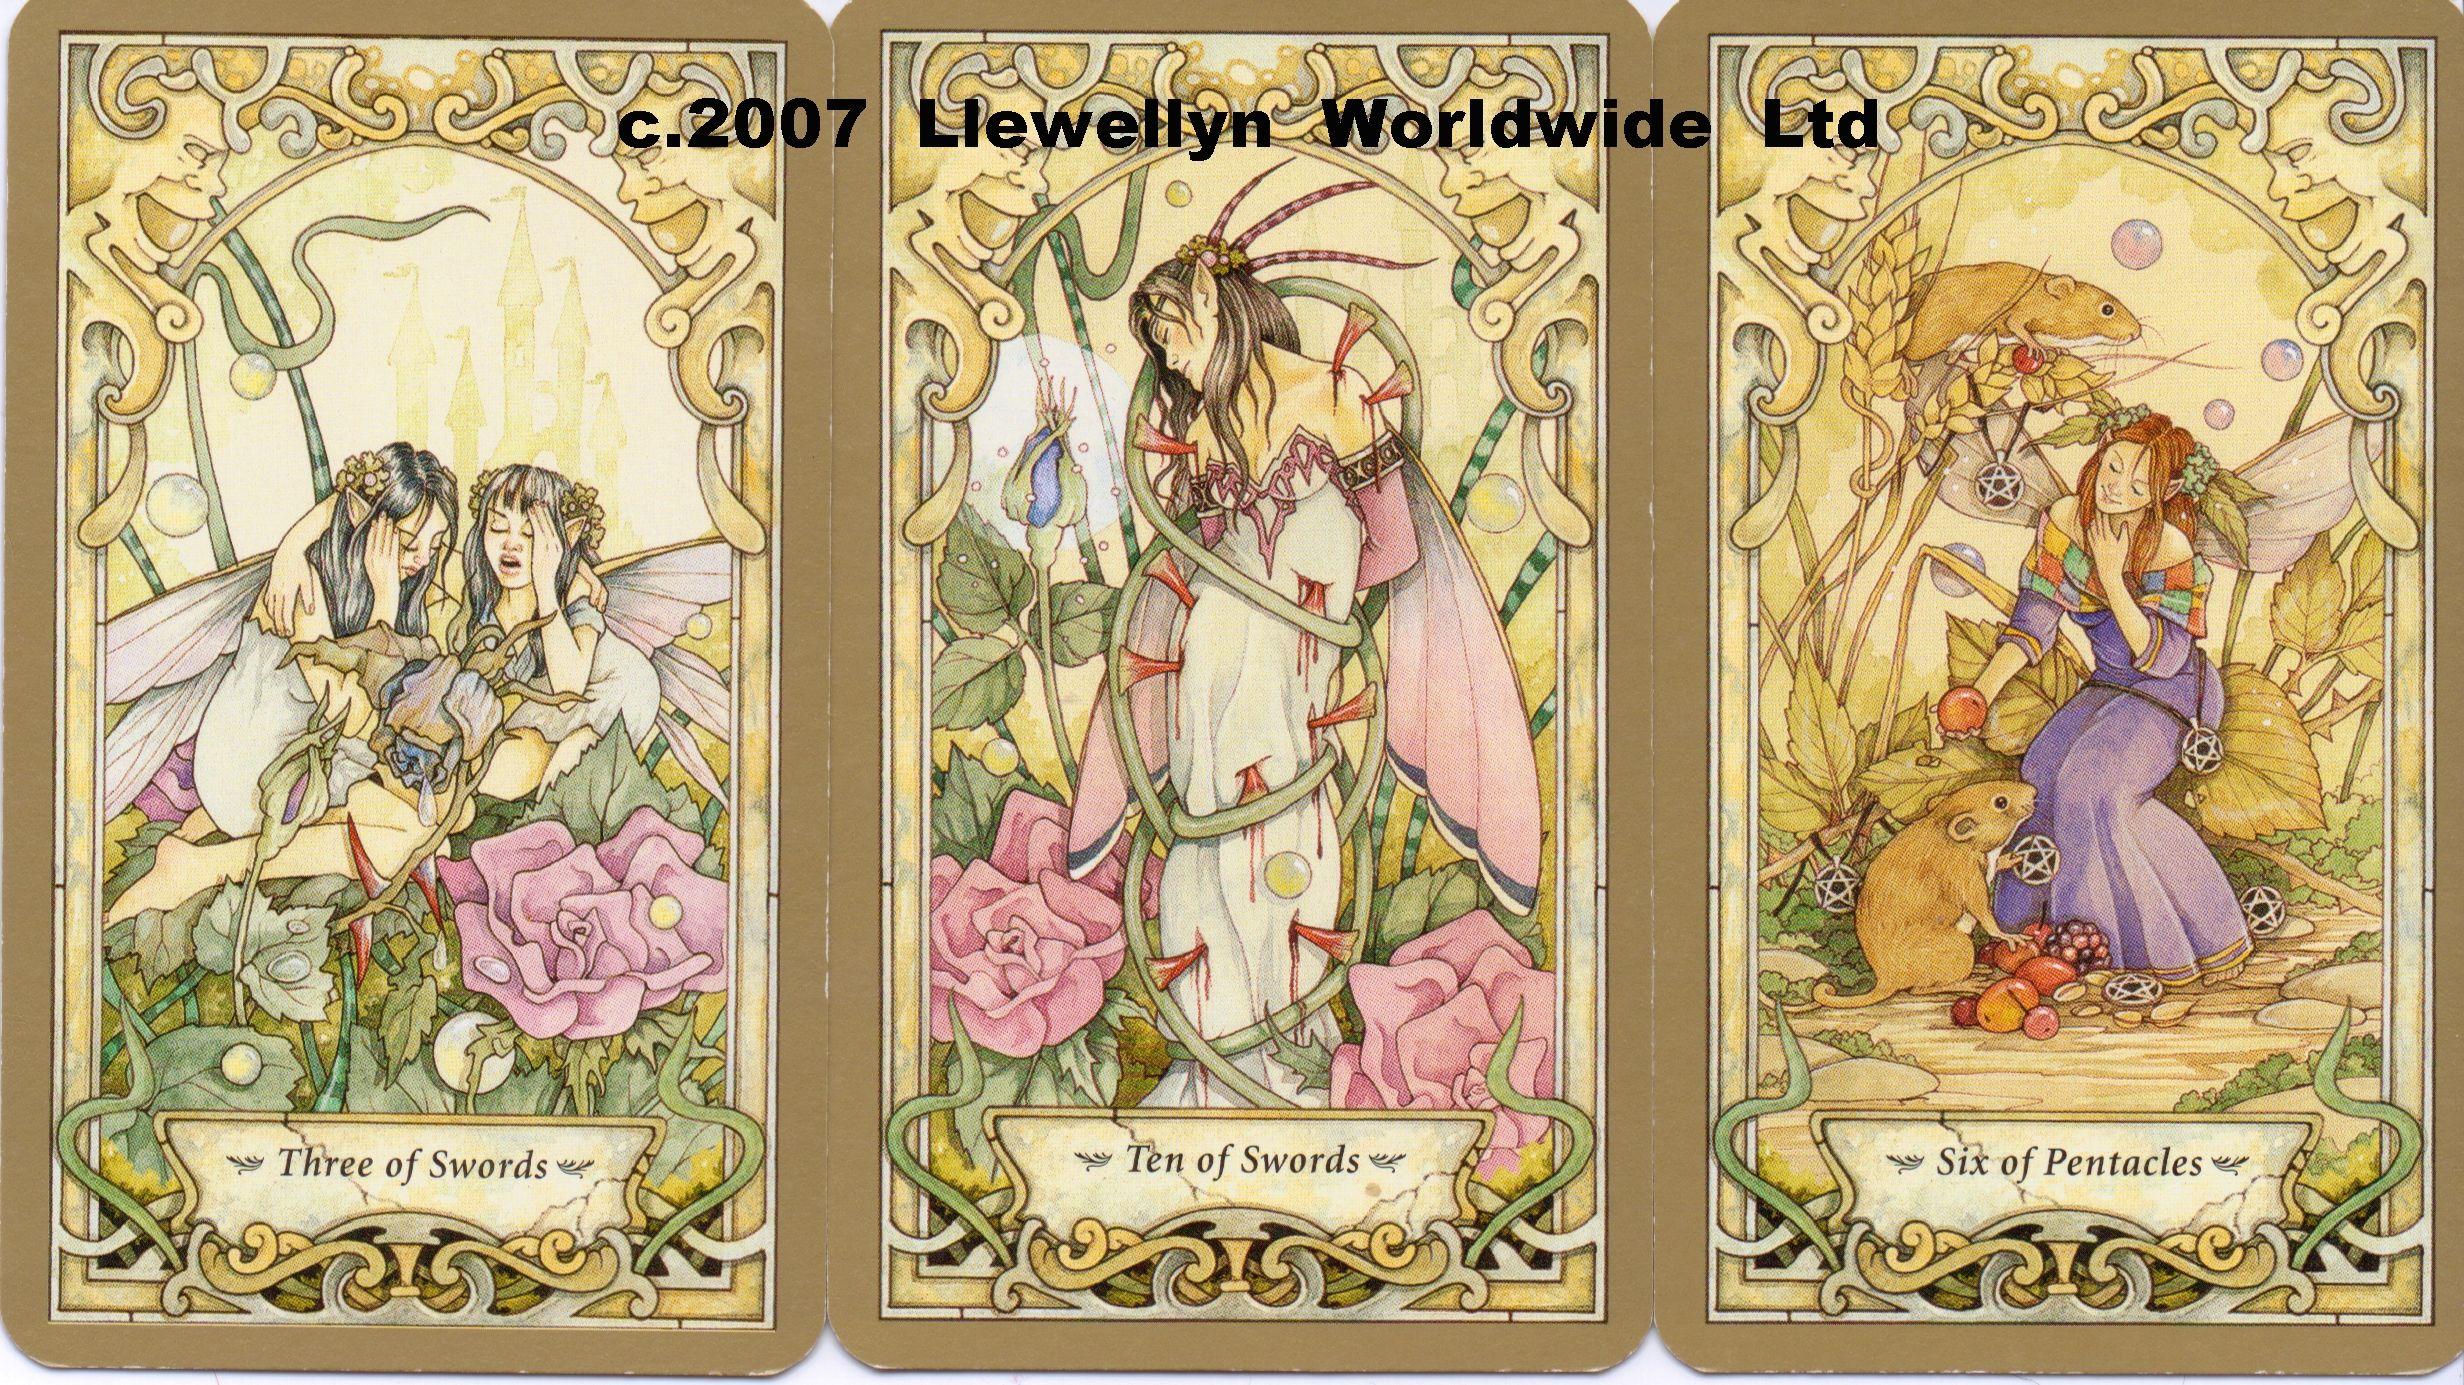 Mystic faerie tarot 3 of swords 10 of swords 6 of